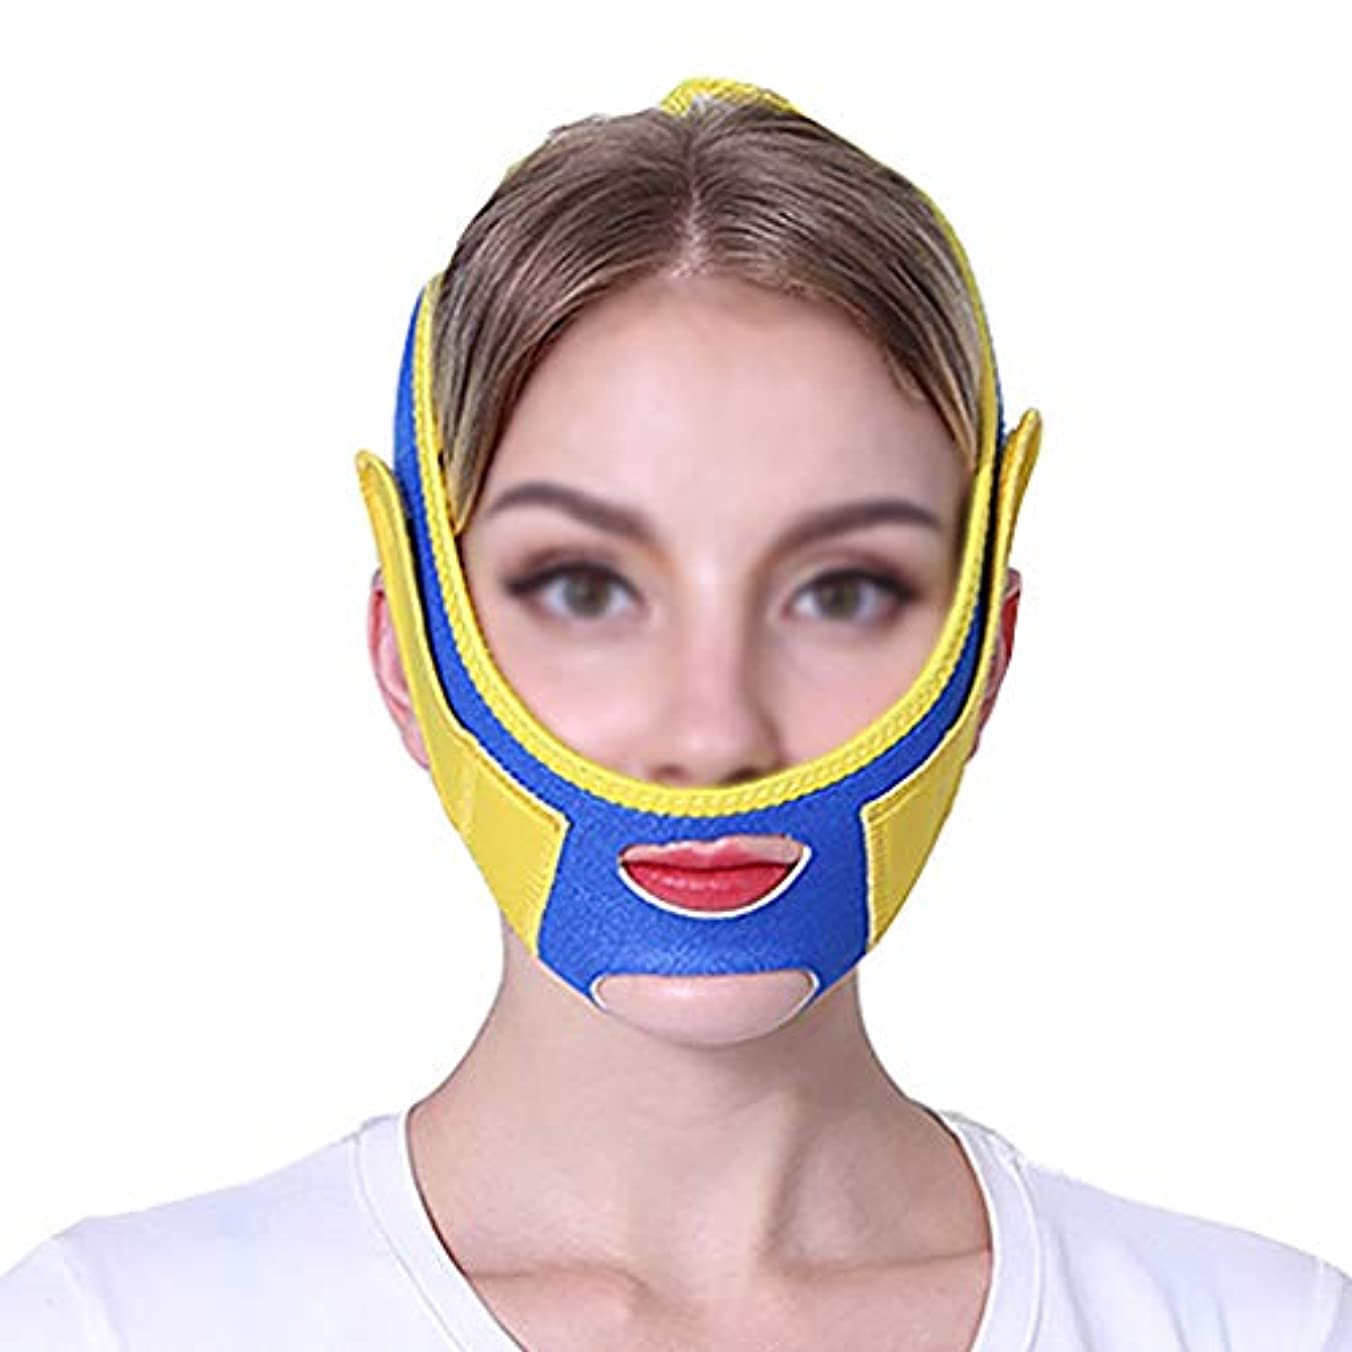 妥協ことわざ要塞GLJJQMY ファーミングマスクスモールvフェイスアーティファクトリフティングマスクフェイスリフティングフェイスリフティングマスクファーミングクリームフェイシャルリフティング包帯 顔用整形マスク